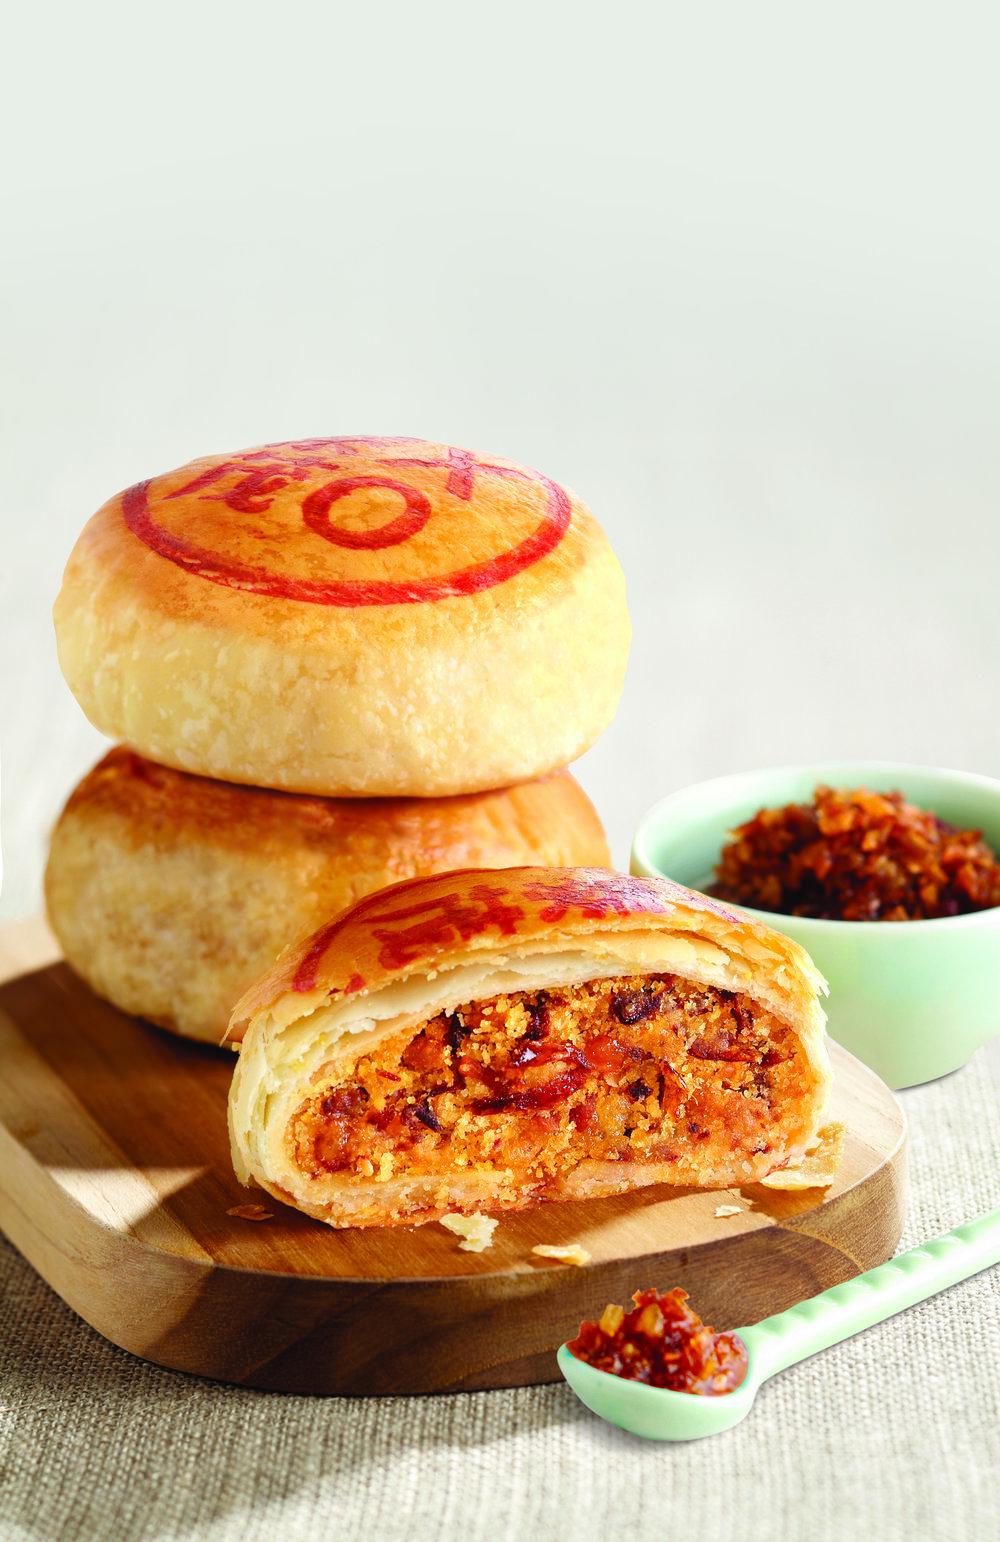 私房特制XO月饼 - 这款创新口味结合了人们熟悉的咸豆沙与XO酱,馅料饱满之中,香味满载。由糕饼师傅特别调制而成的XO酱,原材料采用了干贝、虾米、炸葱及辣椒。这丰富诱人并带有一丝微辣的口味,仅在中秋节期间售卖。经典四粒装 - $40.80